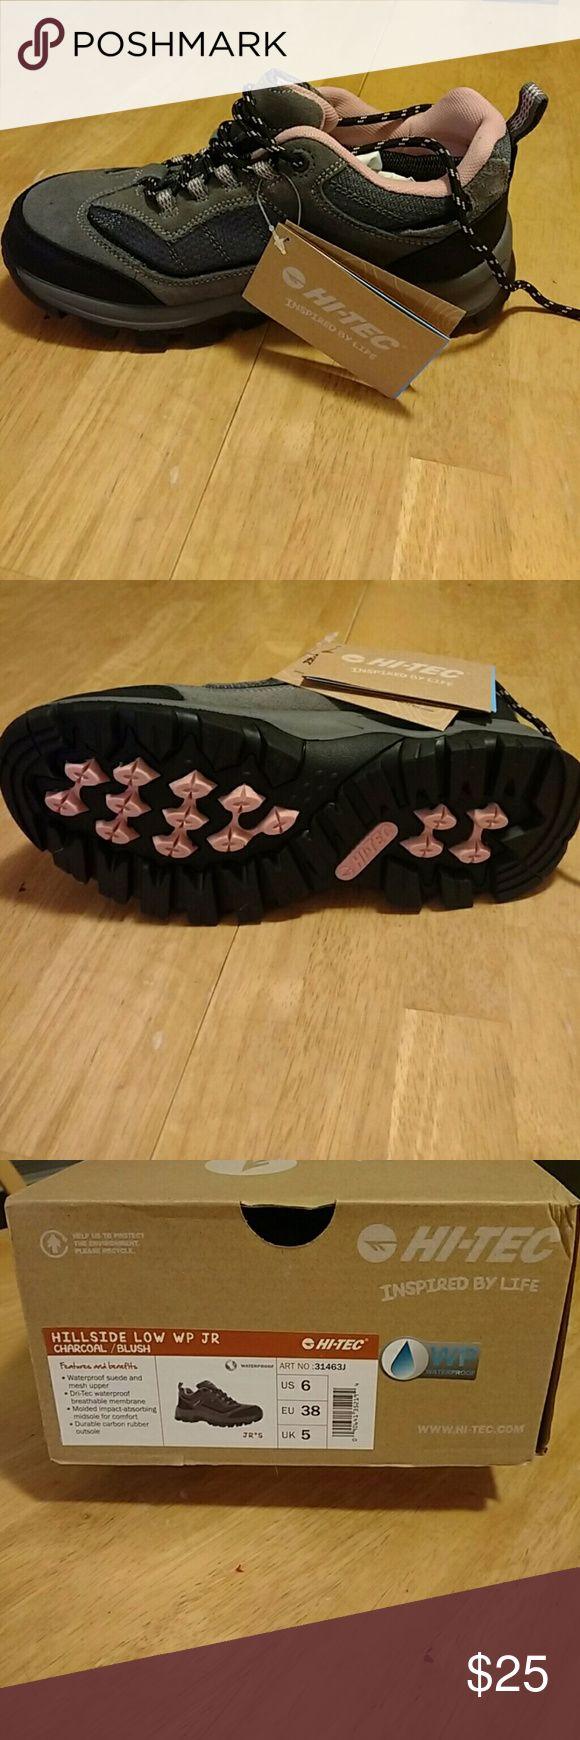 Hi-Tec waterproof hiking boots Hi-Tec low-rise waterproof hiking boots new in box Hi-Tec Shoes Rain & Snow Boots